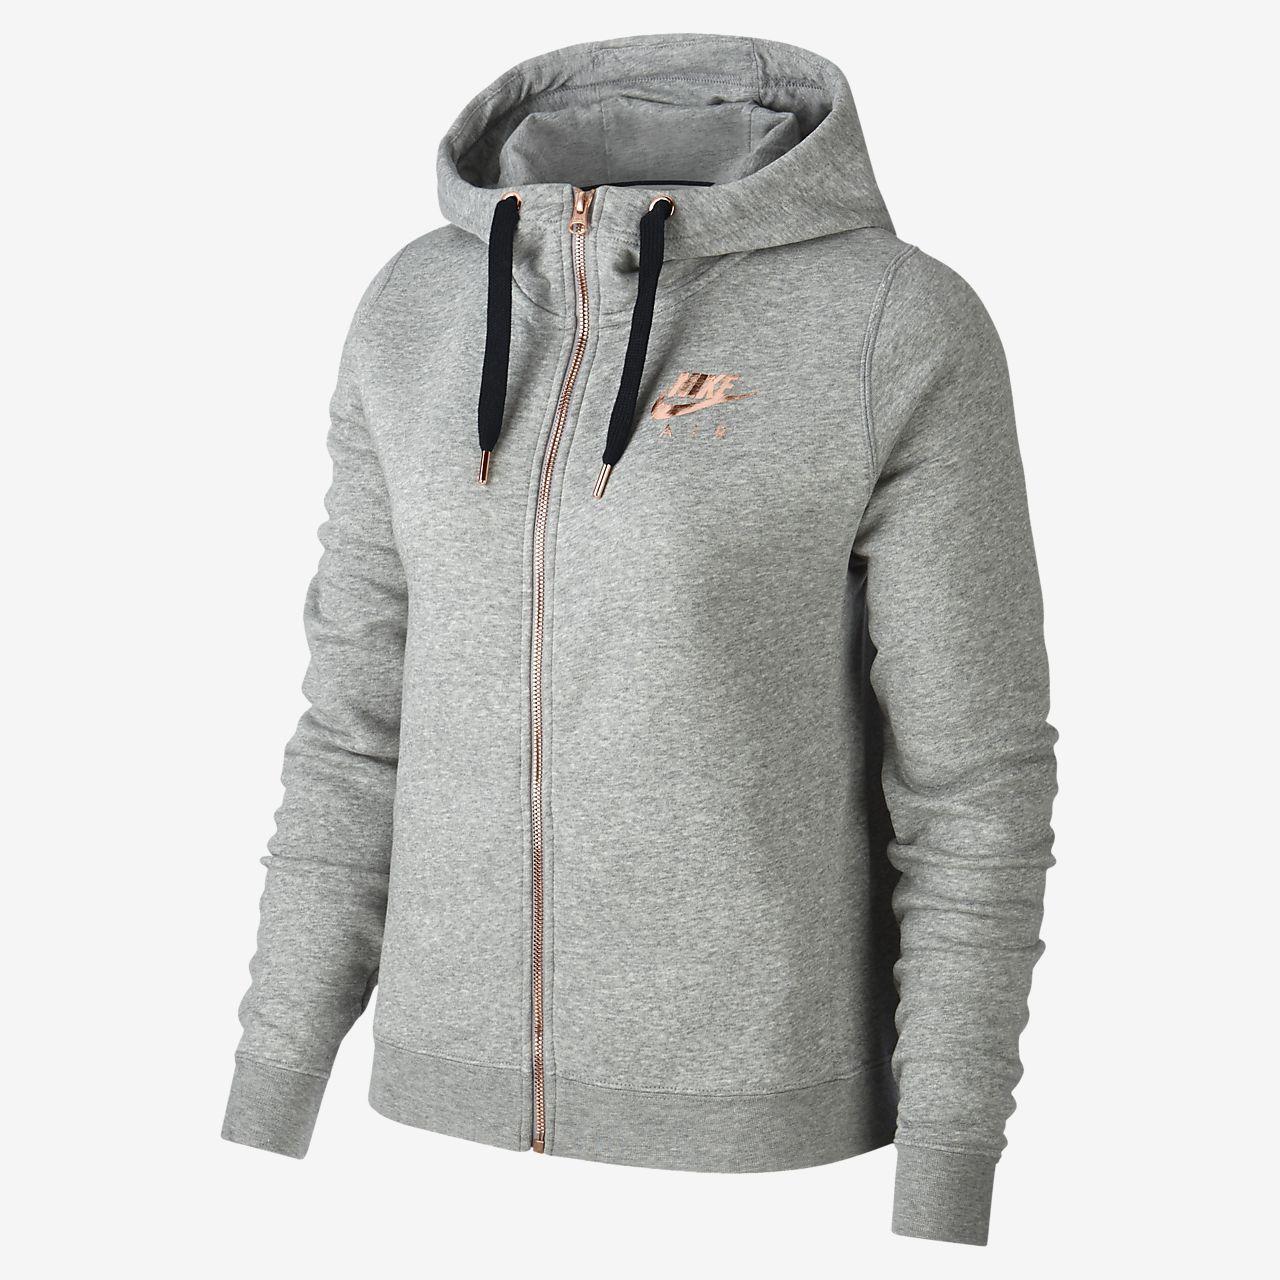 Nike Sportswear Rally Fleece Damen Hoodie In Metallic Mit Durchgehendem Reissverschluss Nike De Nike Nike Sportswear Reissverschluss